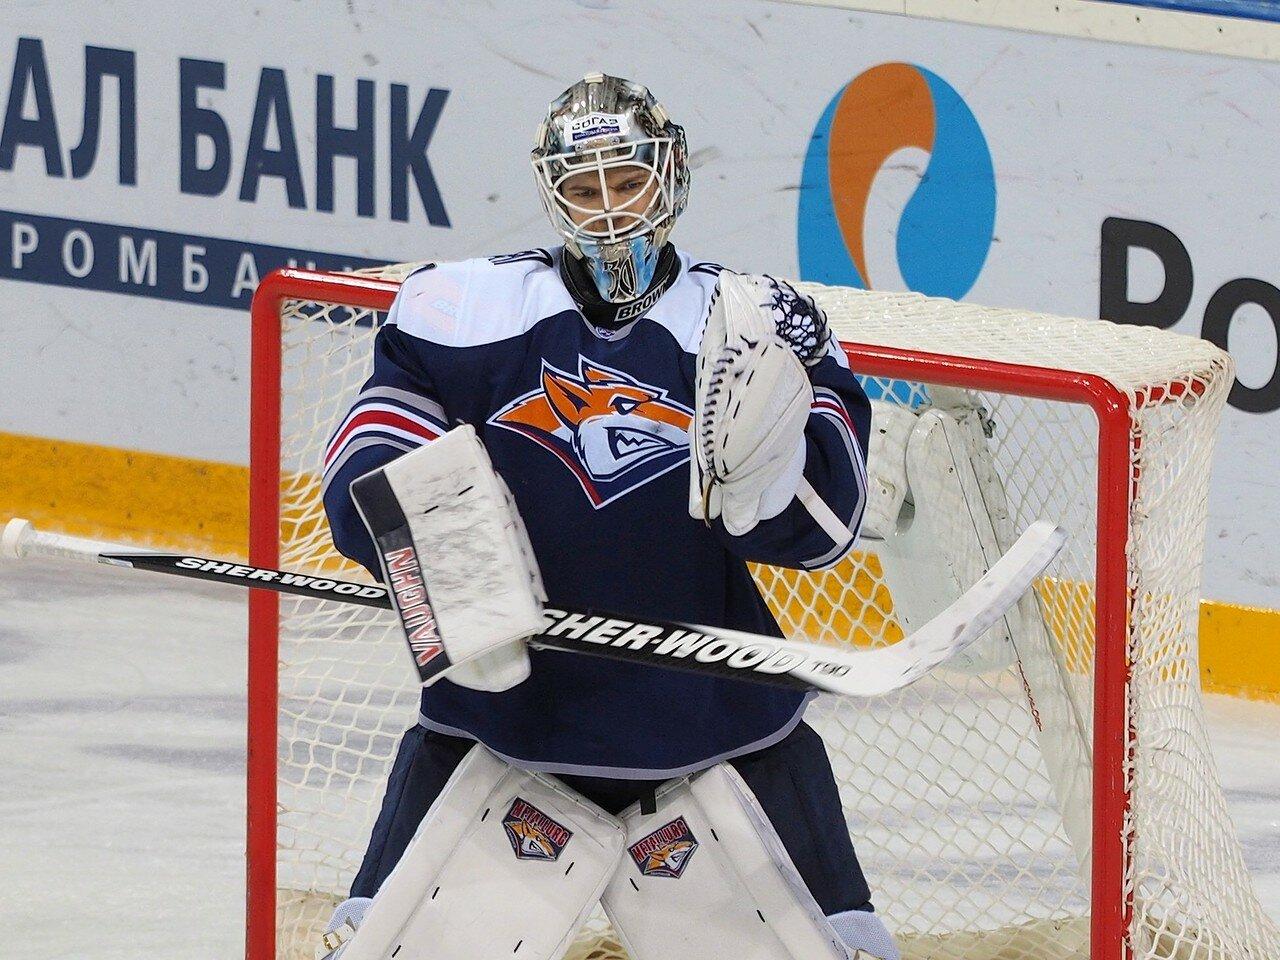 52Металлург - Металлург Новокузнецк 20.09.2015